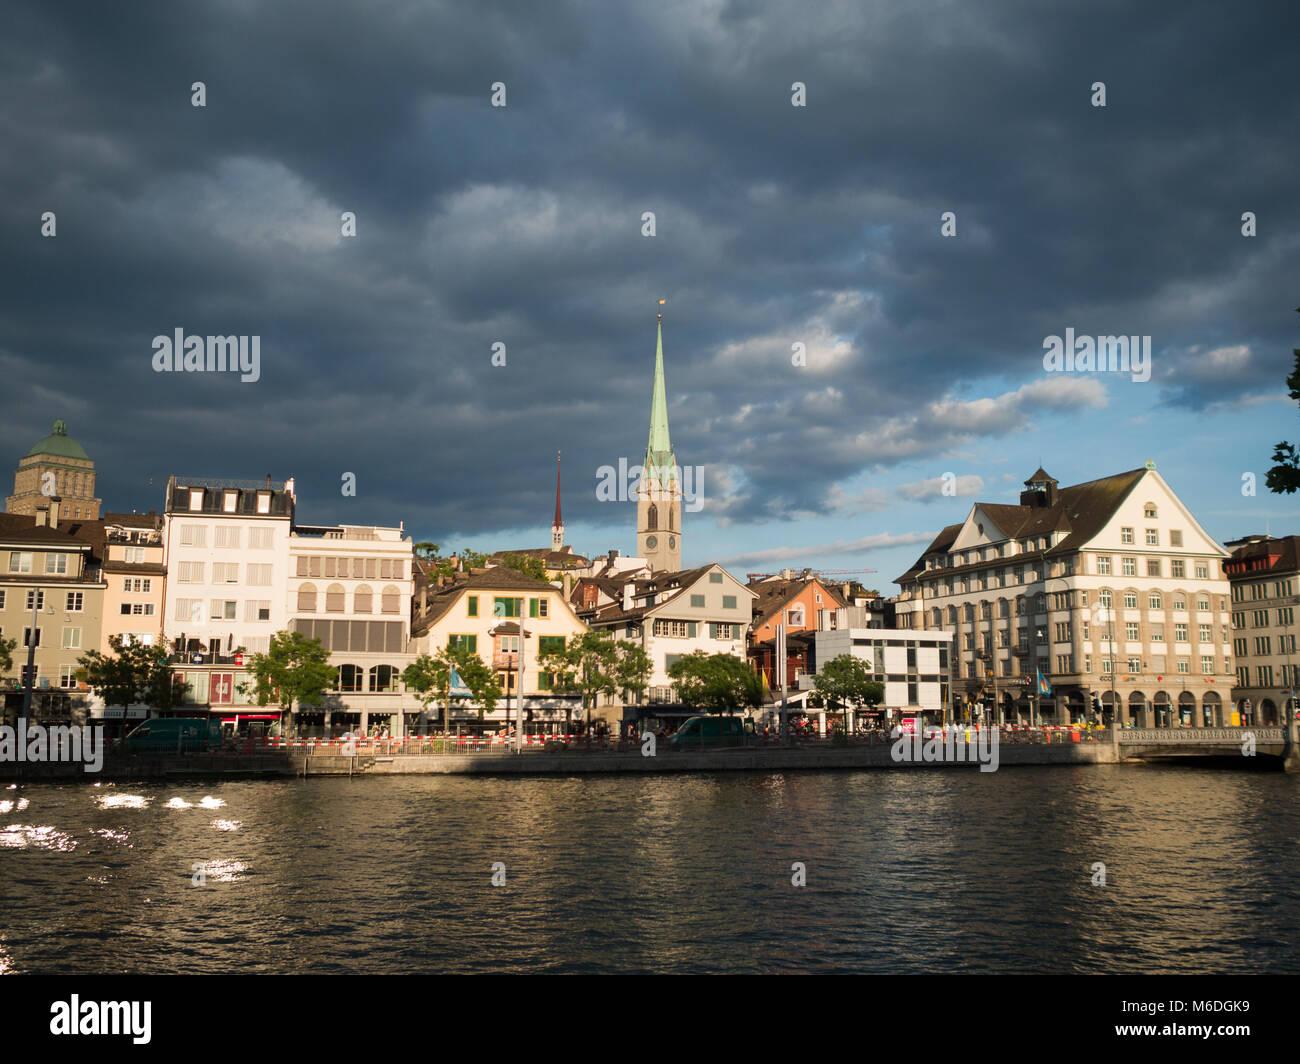 Dark clouds over Zurich skyline - Stock Image